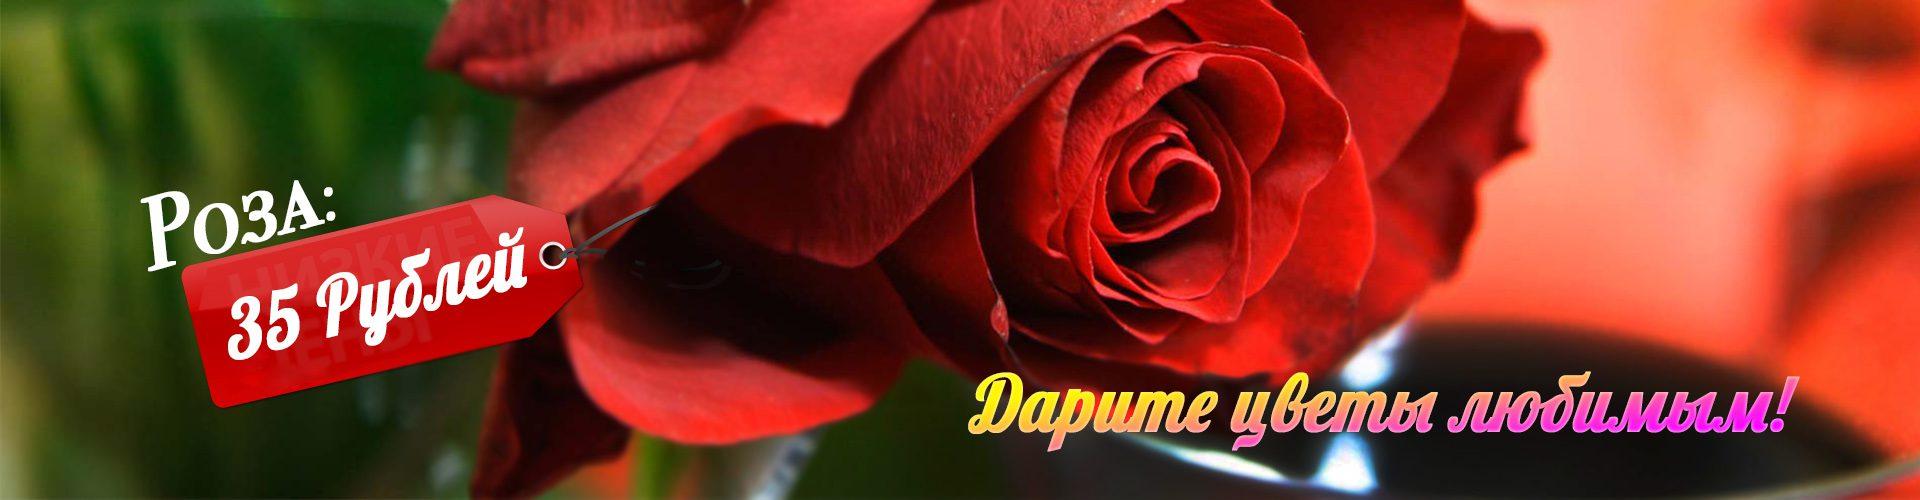 розы по 35 рублей каменск-уральский